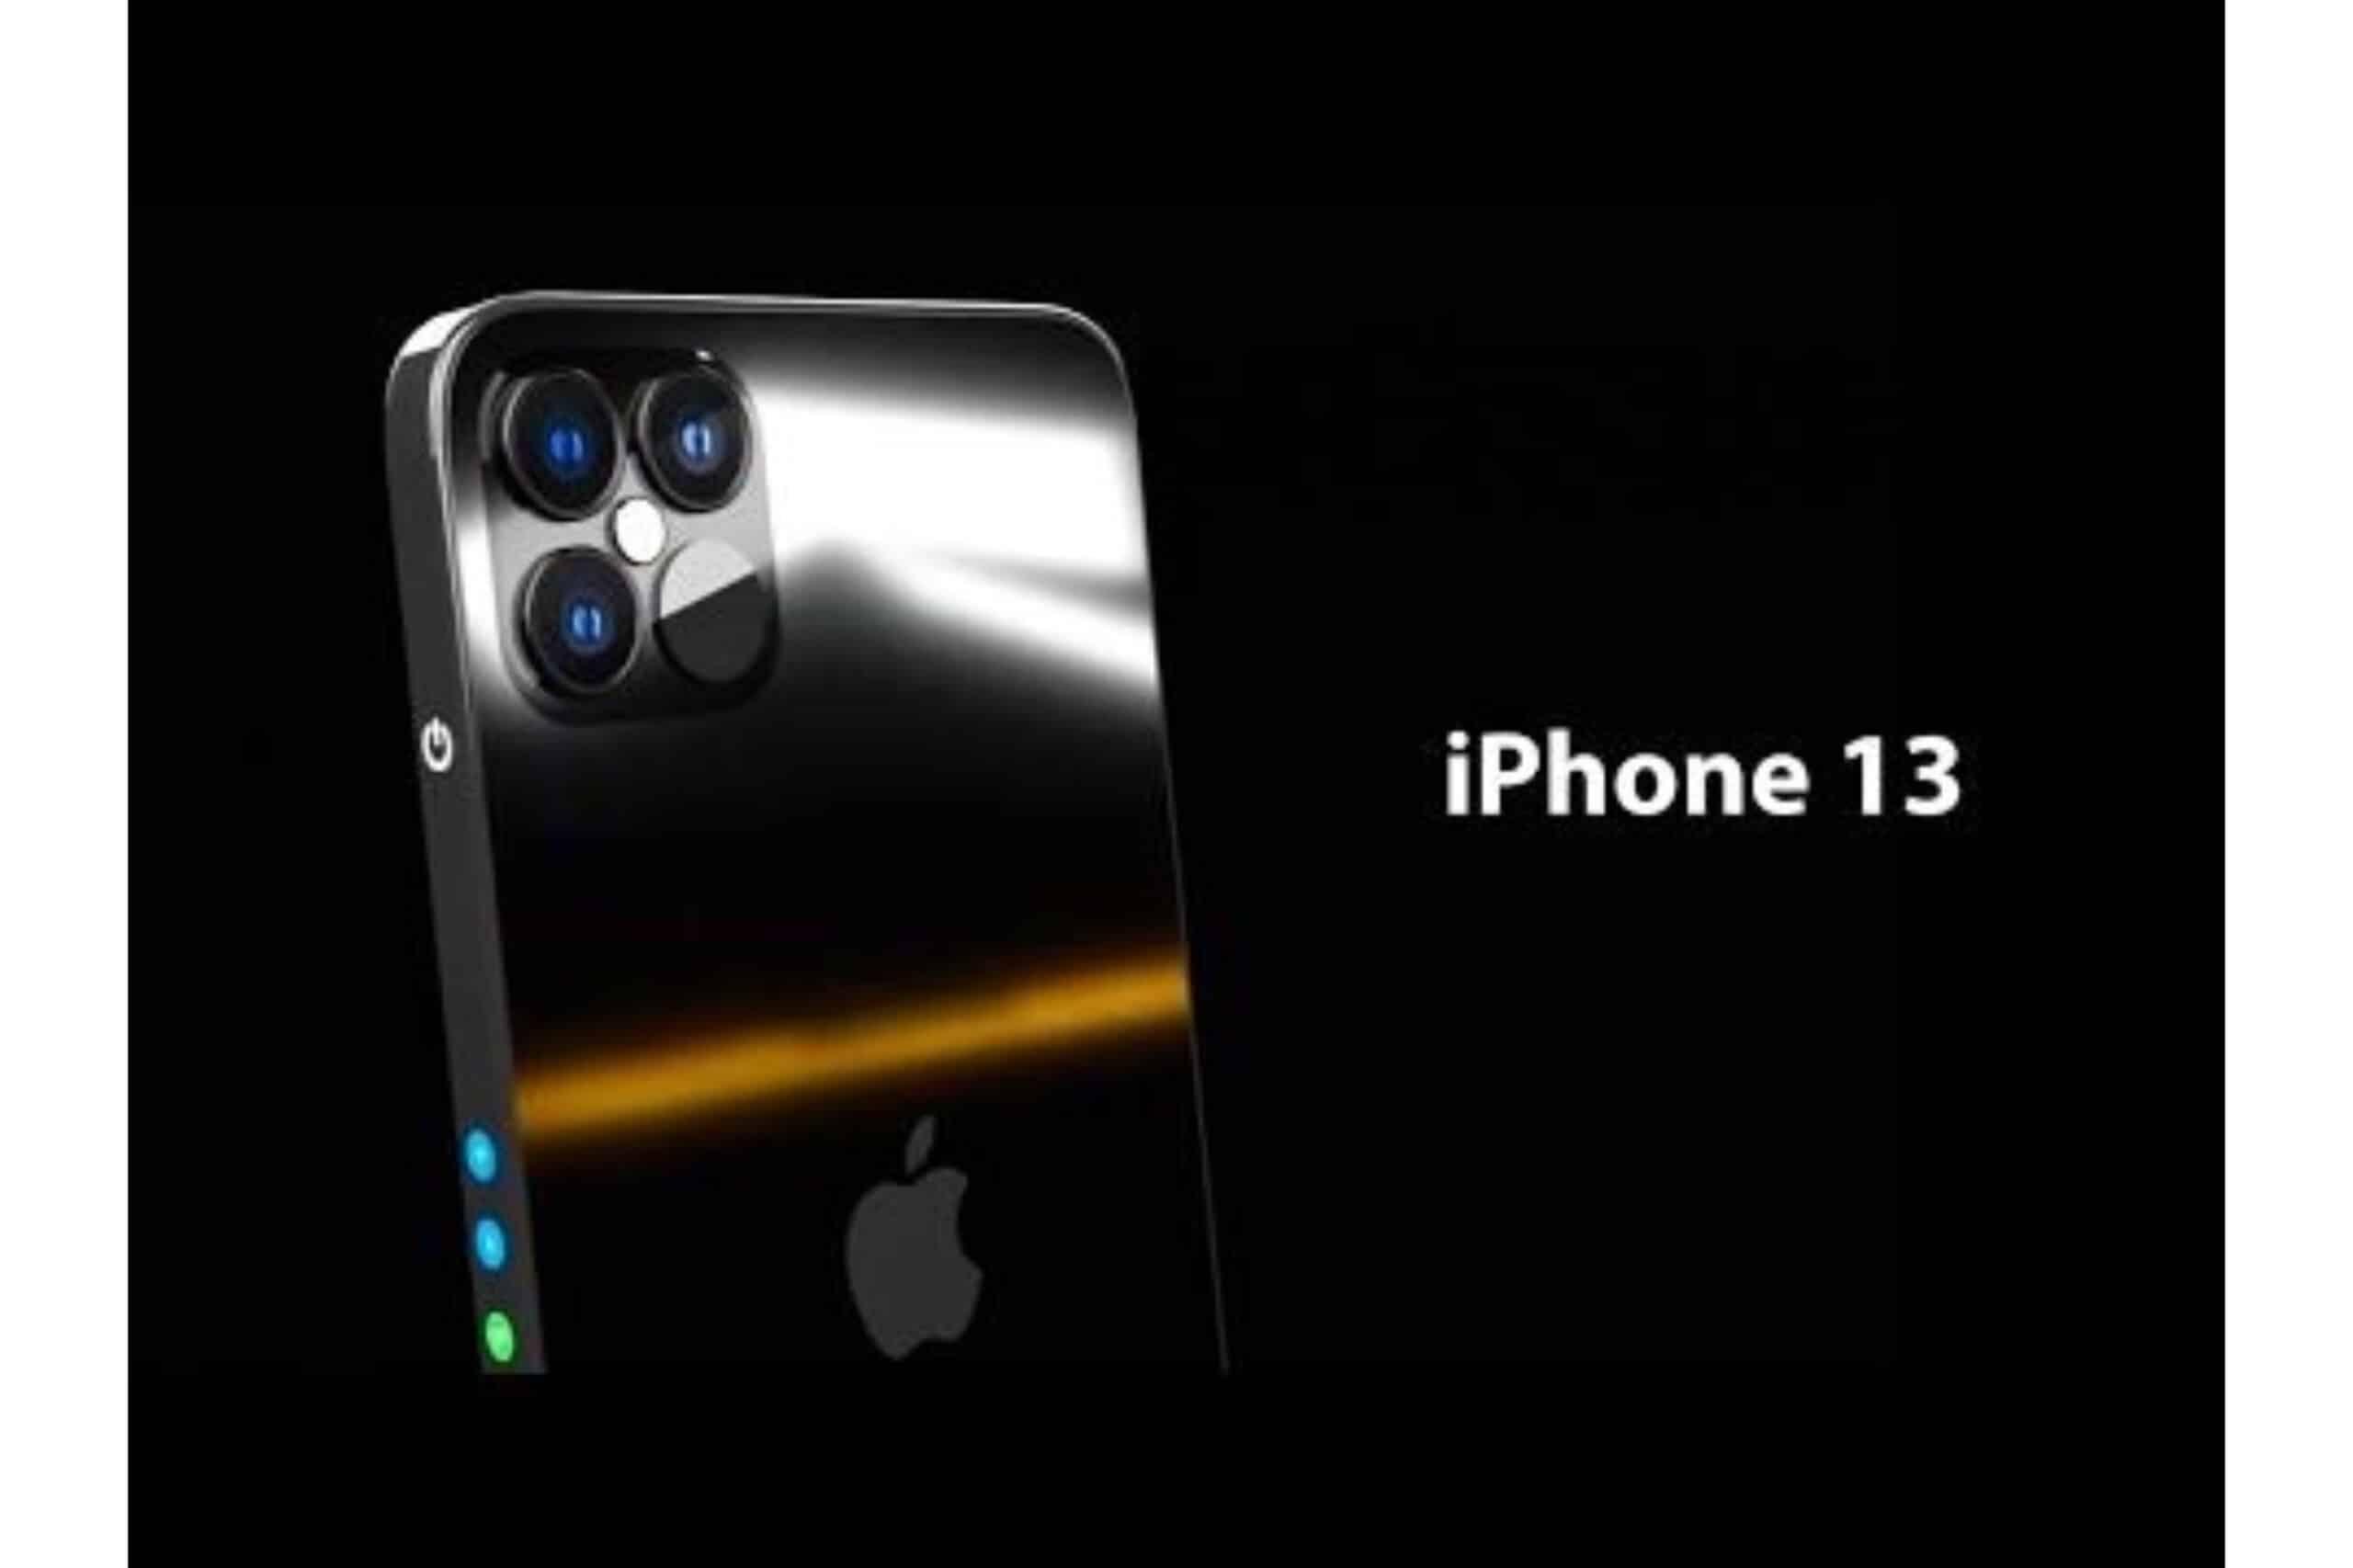 Menarik !!! iPhone 13 bakal benarkan pengguna buat panggilan walaupun tiada 'Line'